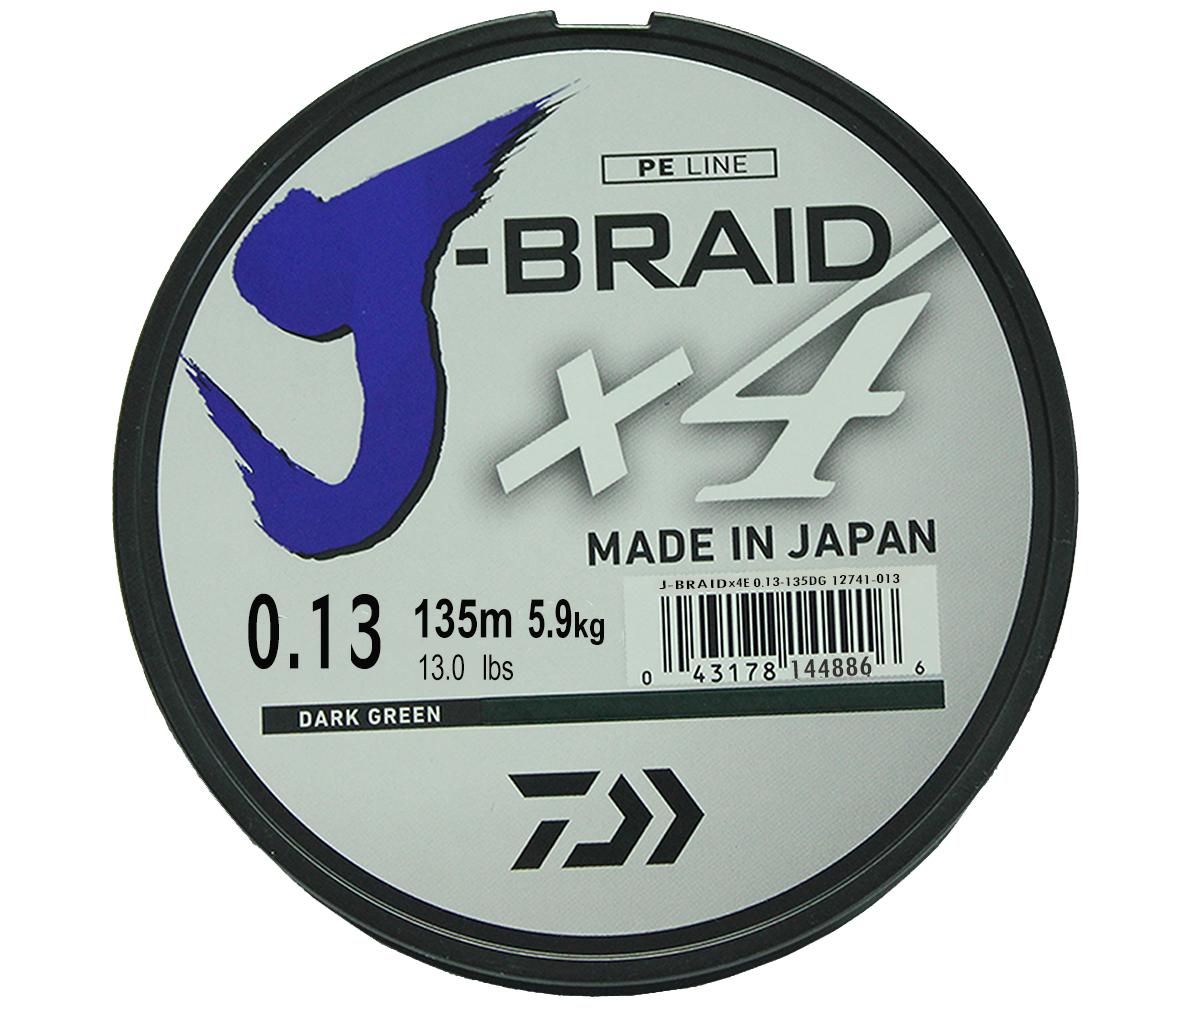 Шнур плетеный Daiwa J-Braid X4, цвет: зеленый, 135 м, 0,13 мм61160Новый четырехжильный шнур J-Braid от Daiwa - шнур высокого класса с удивительным соотношением цены и качества. Качество плетения полностью соответствует японским стандартам и удовлетворяет всем требованиям. Представленные диаметры позволяют использовать шнур для всех техник ловли, начиная от Ultra-Light ловли окуня, до морской ловли палтуса, трески и так далее.